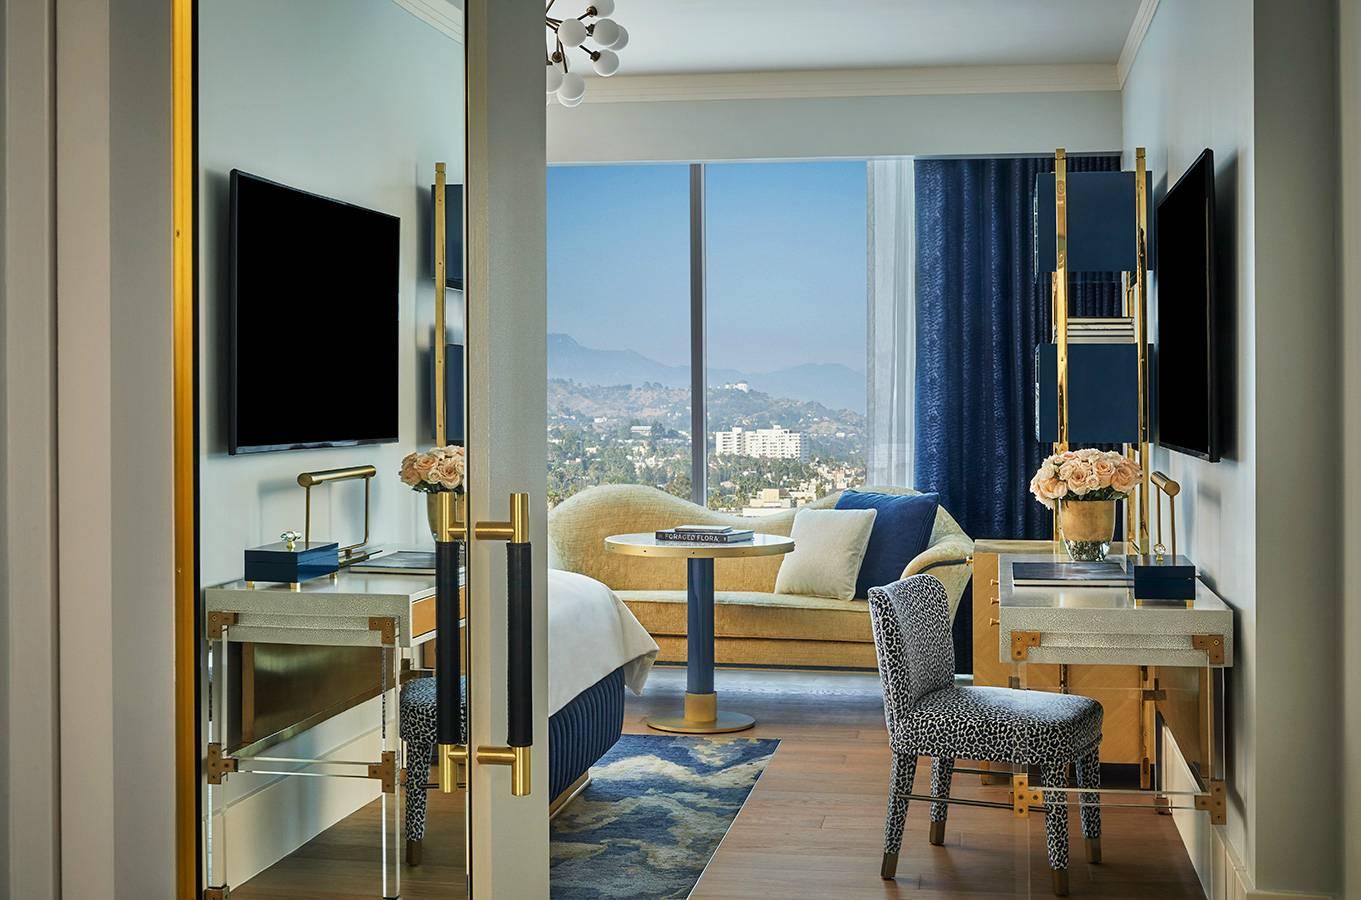 2020年璞富腾酒店及度假村独家呈现20家全球新开业独立酒店